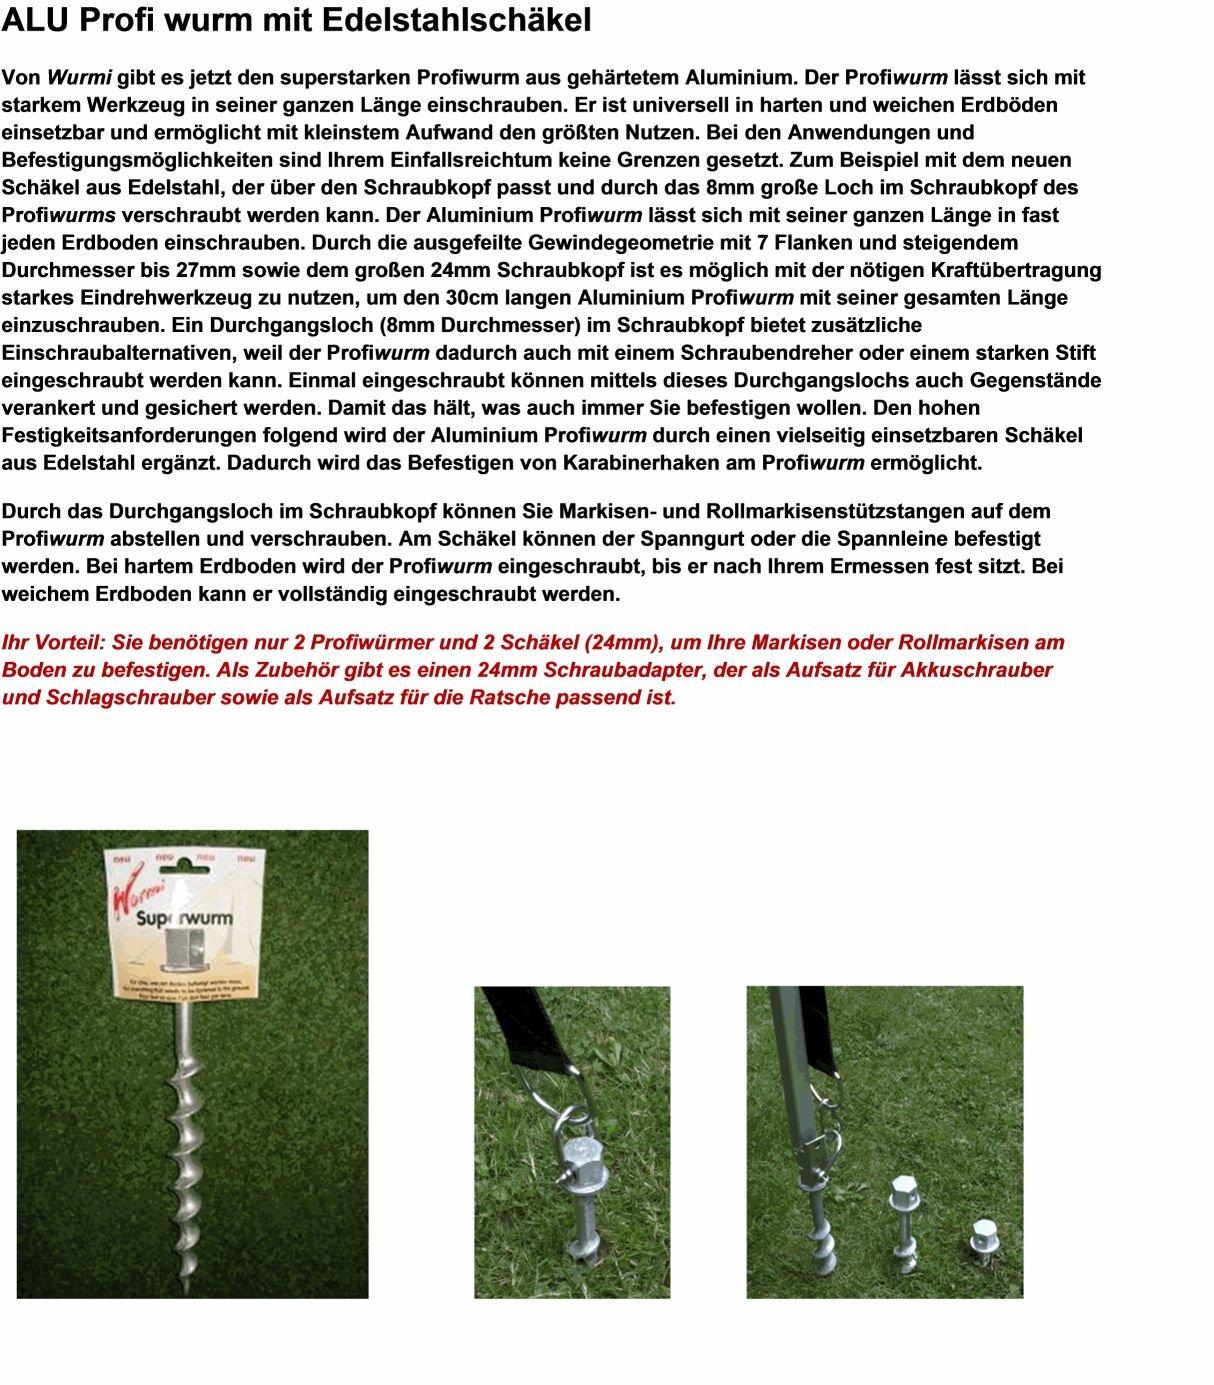 9 SPEZIAL GEHÄRTETE ZELTHERINGE + EDELSTAHLSCHÄKEL - 9 Stck. EDELSTAHLSCHÄKEL 24 mm Überkopf + 9 Stück gehärteter ALUMINIUM SCHRAUBHERING 30 cm - ZELTHERING - SPEZIAL ALUMINIUM - Holly ® Produkte STABIELO ® - DER ALU WURMI ® - Wurmi-produkte ® für CAMPING-CARAVAN-OUTDOOR-FREIZEiT - MADE in GERMANY - LANGZEIT-TEST bestanden - holly-sunshade ®